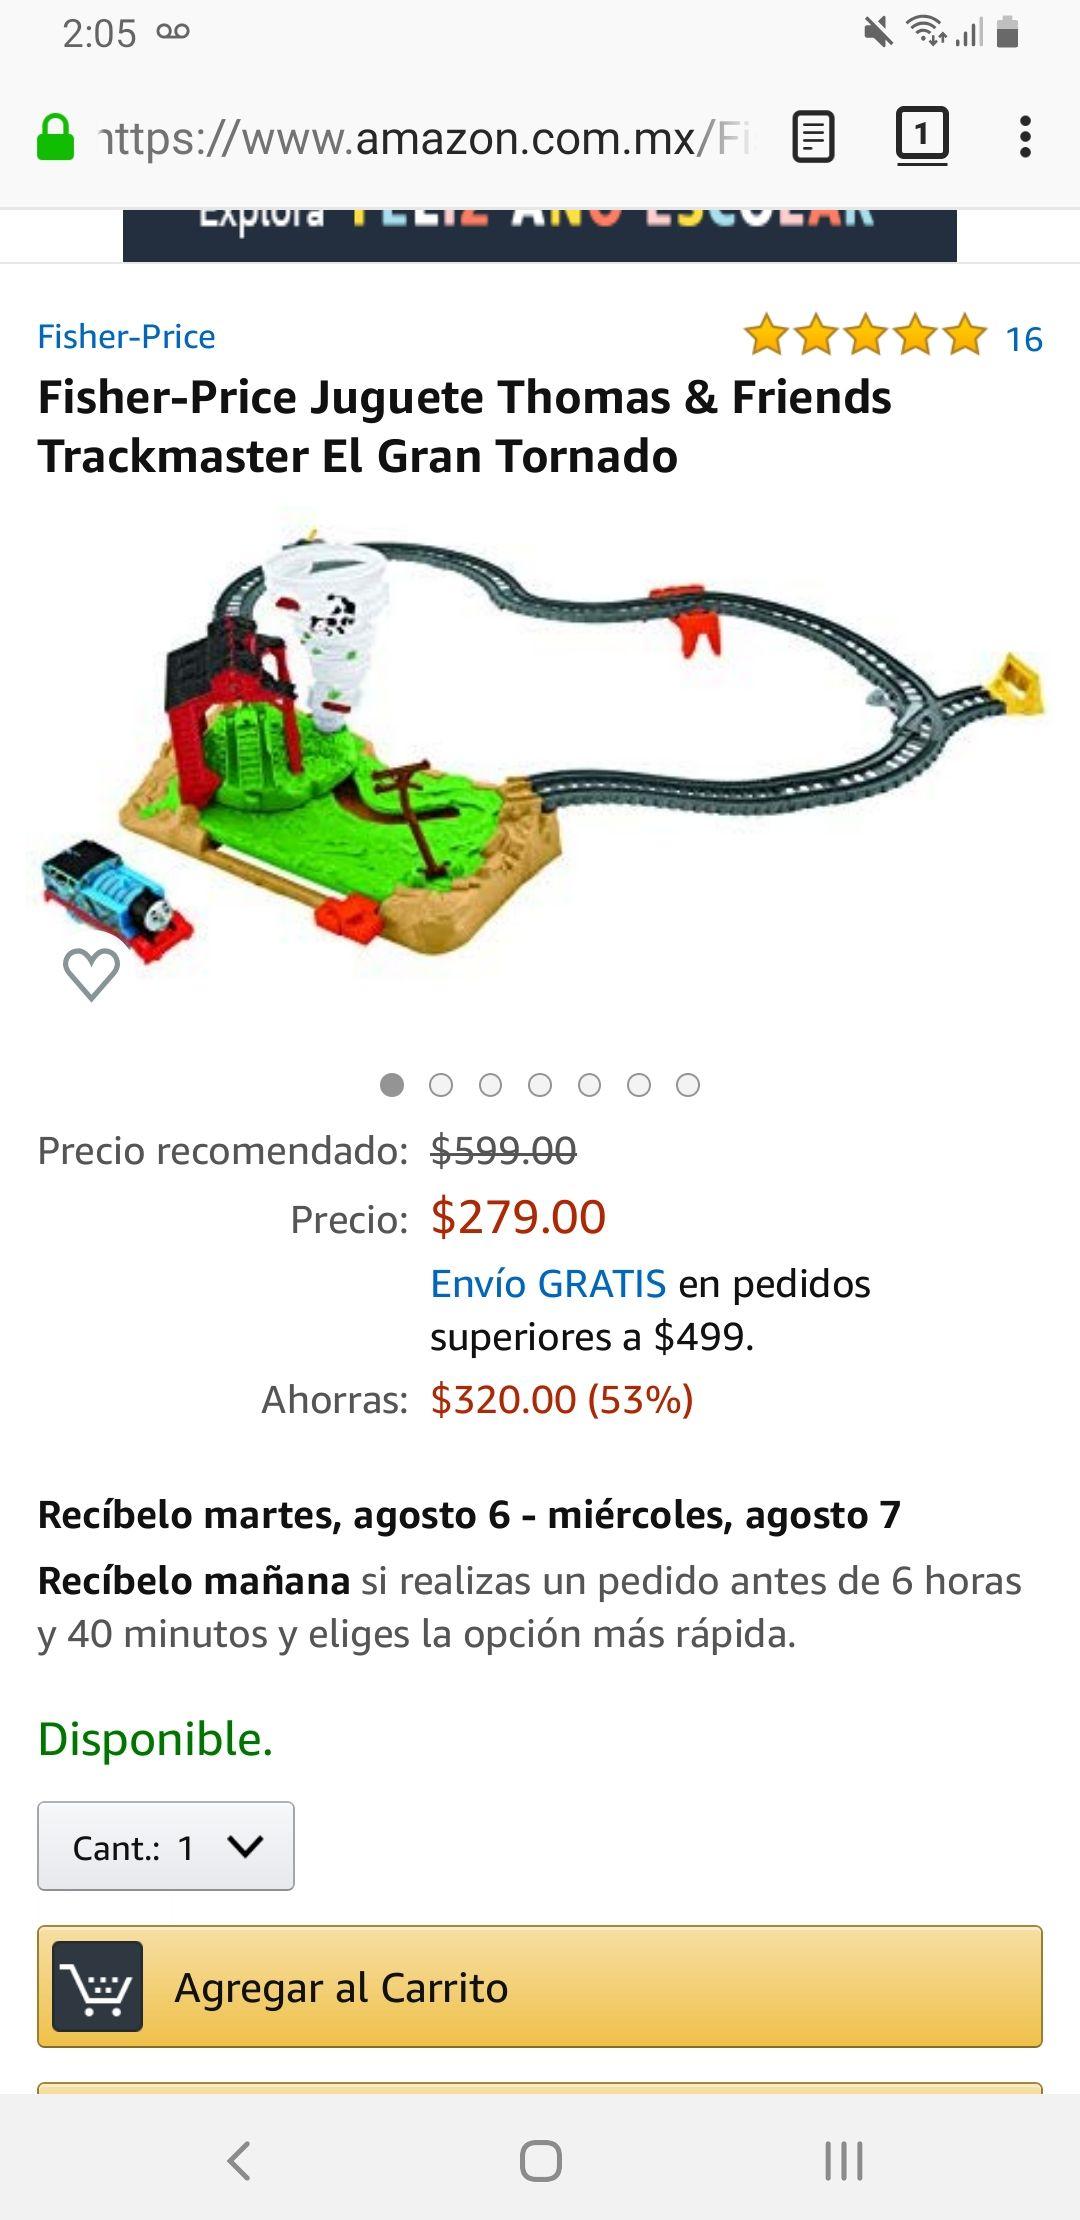 Amazon: El gran tornado. Thomas and friends.